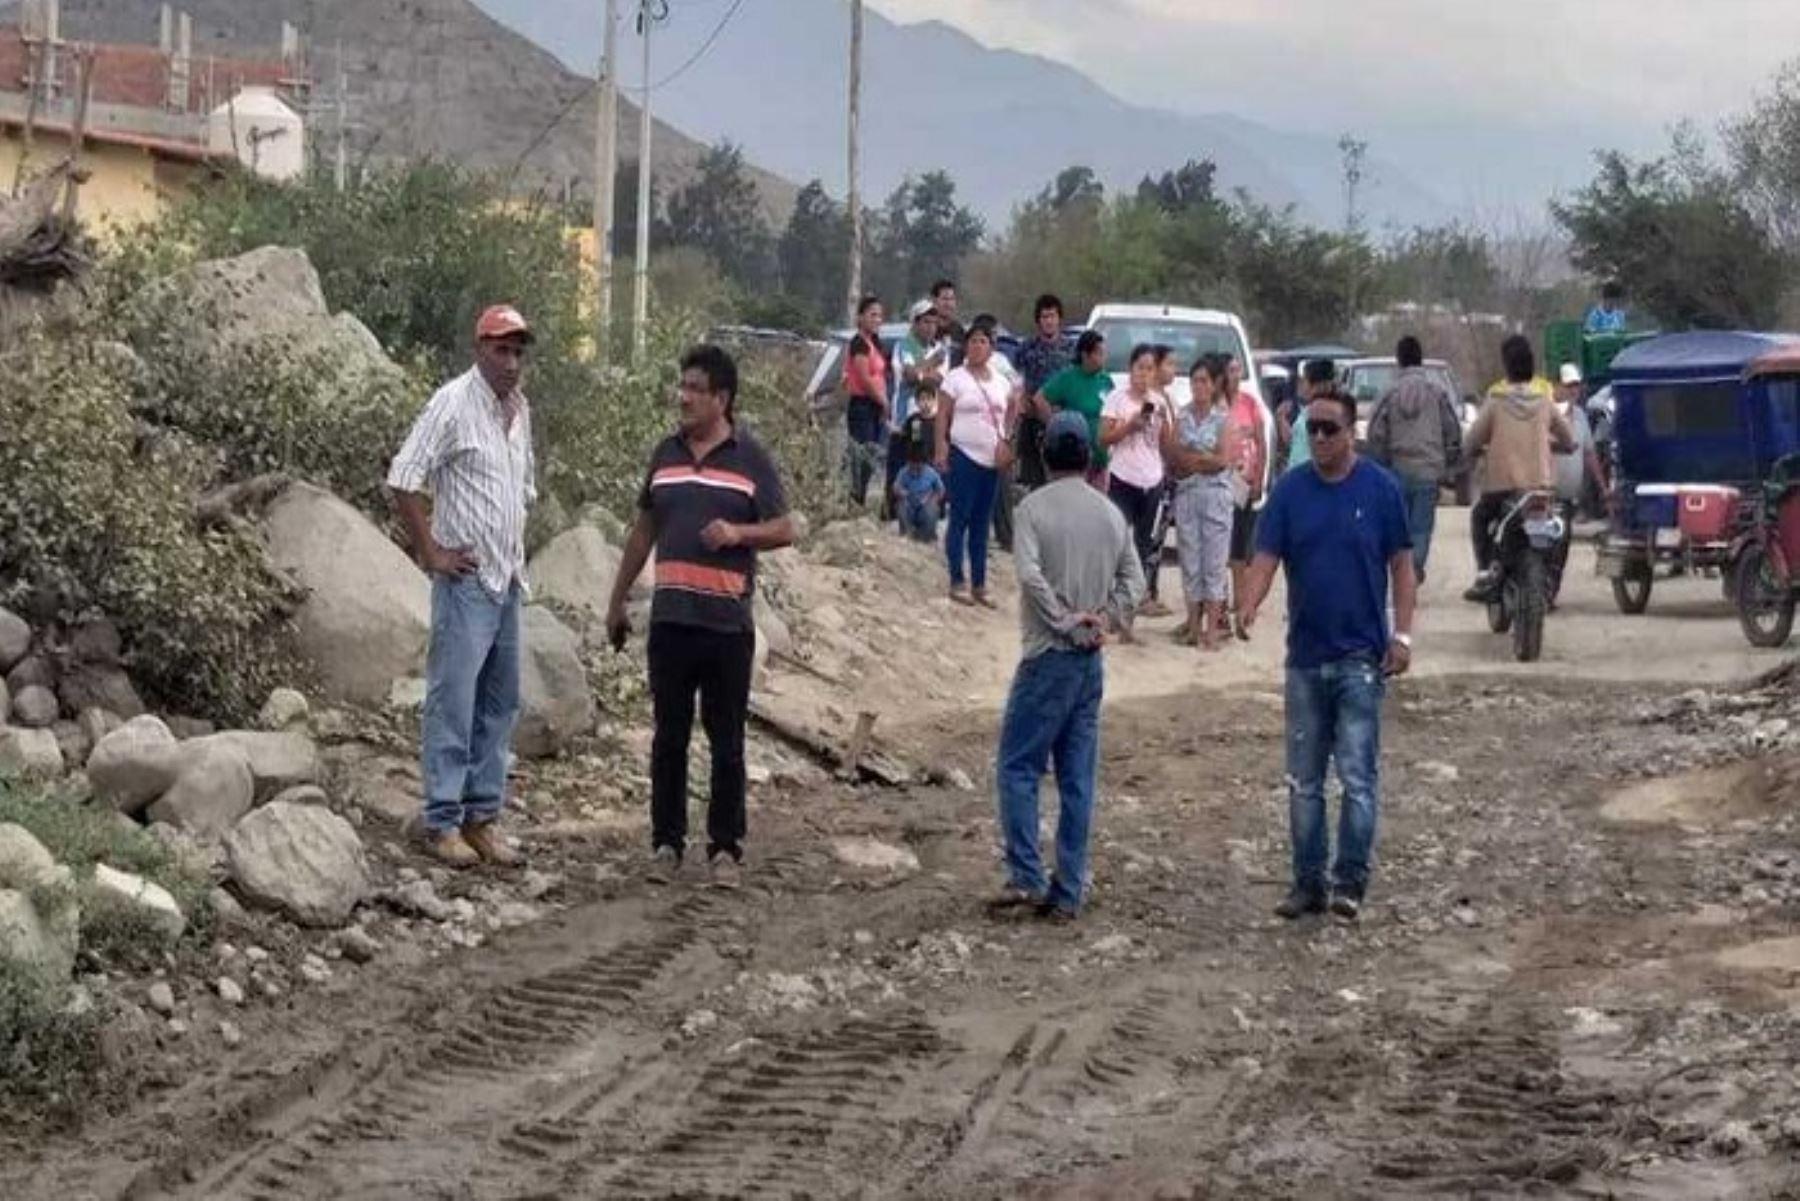 Pobladores de seis caseríos del distrito de Moro, en la provincia ancashina del Santa, han quedado aislados debido al aumento del caudal y desborde del río Moro, ocurrido esta mañana a causa de lluvias intensas.